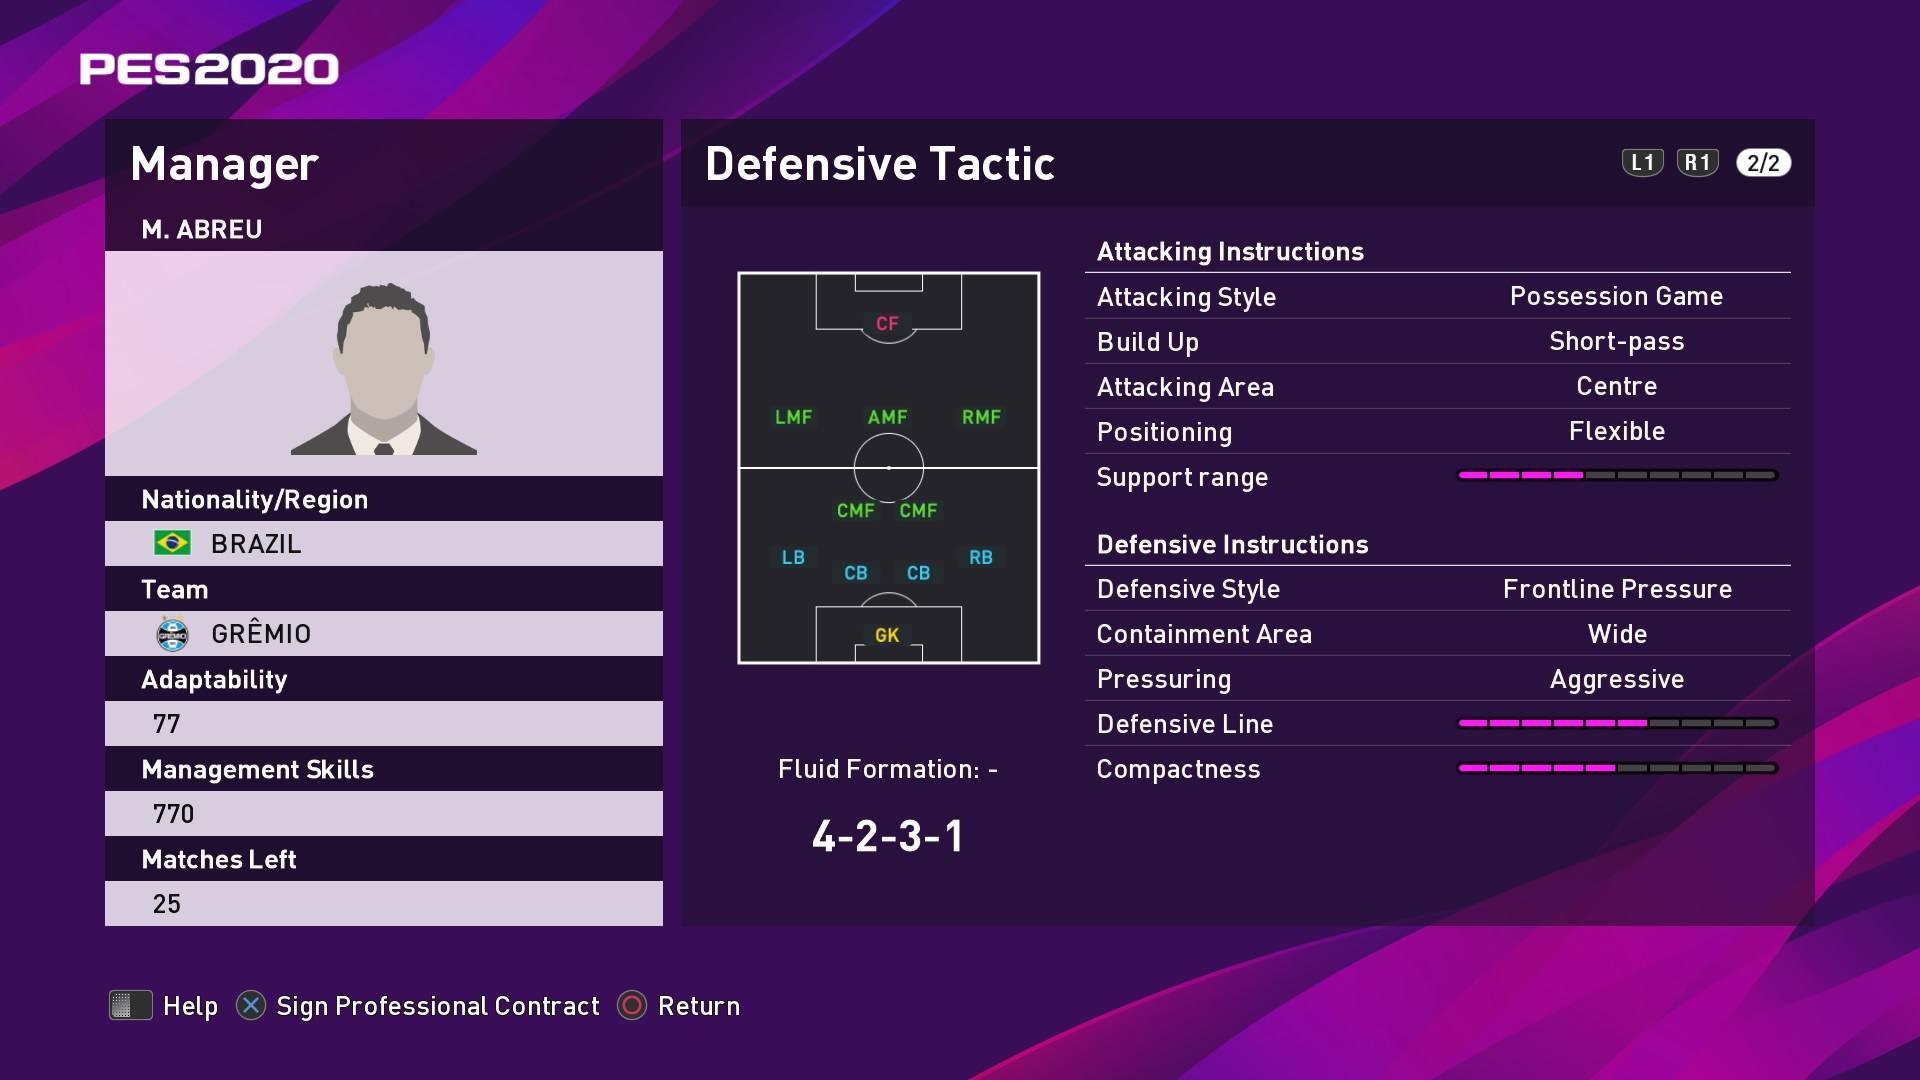 M. Abreu (Renato Portaluppi) Defensive Tactic in PES 2020 myClub